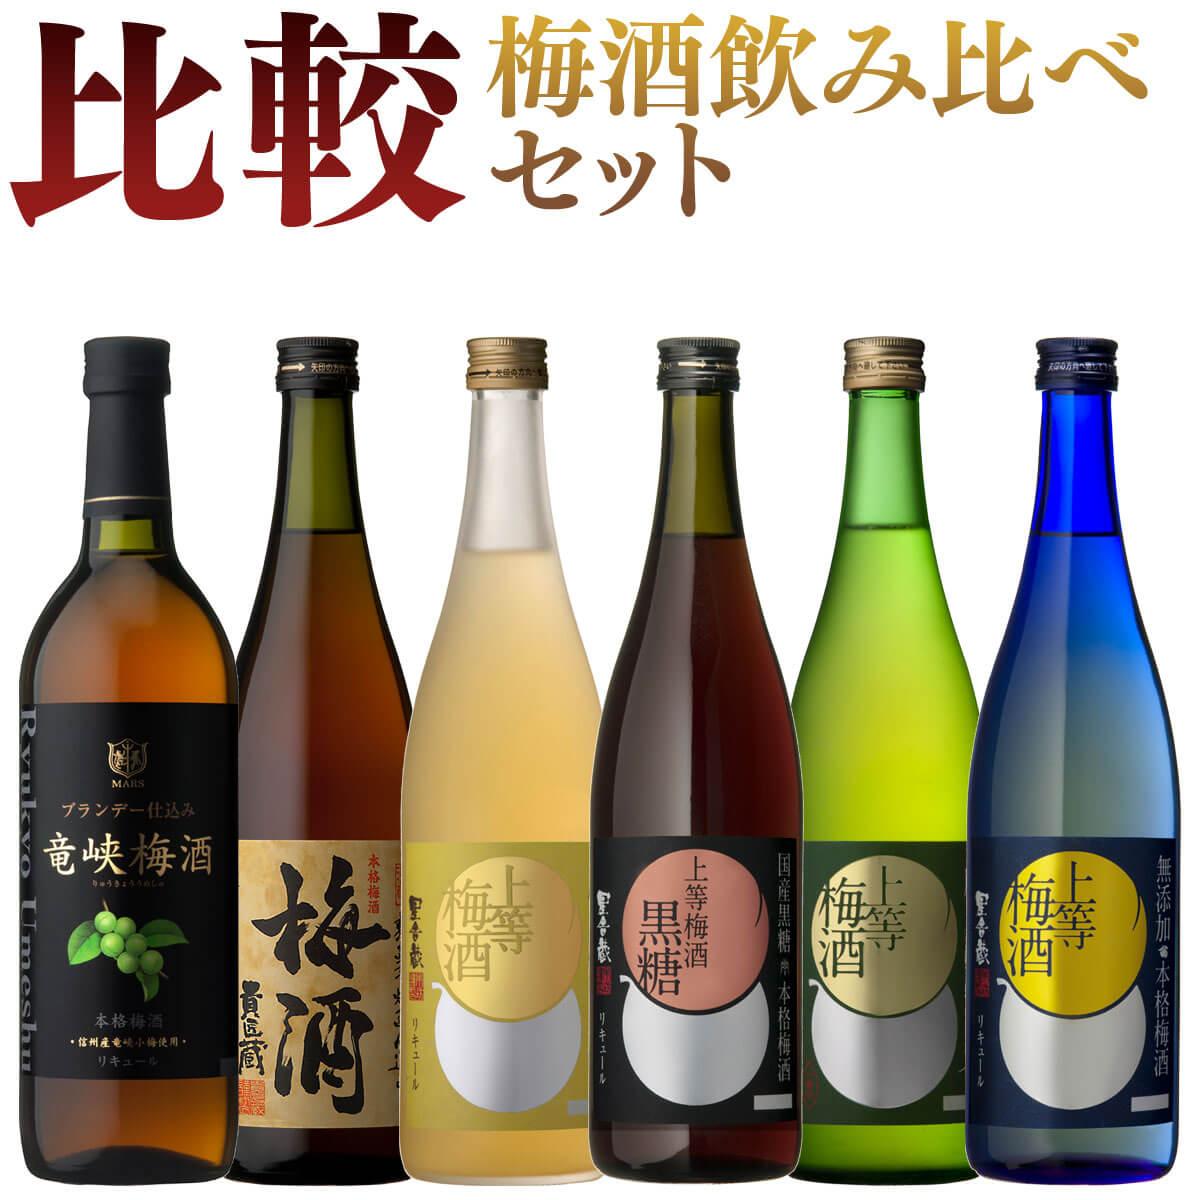 日本の梅酒 飲み比べ 720ml 6本セット